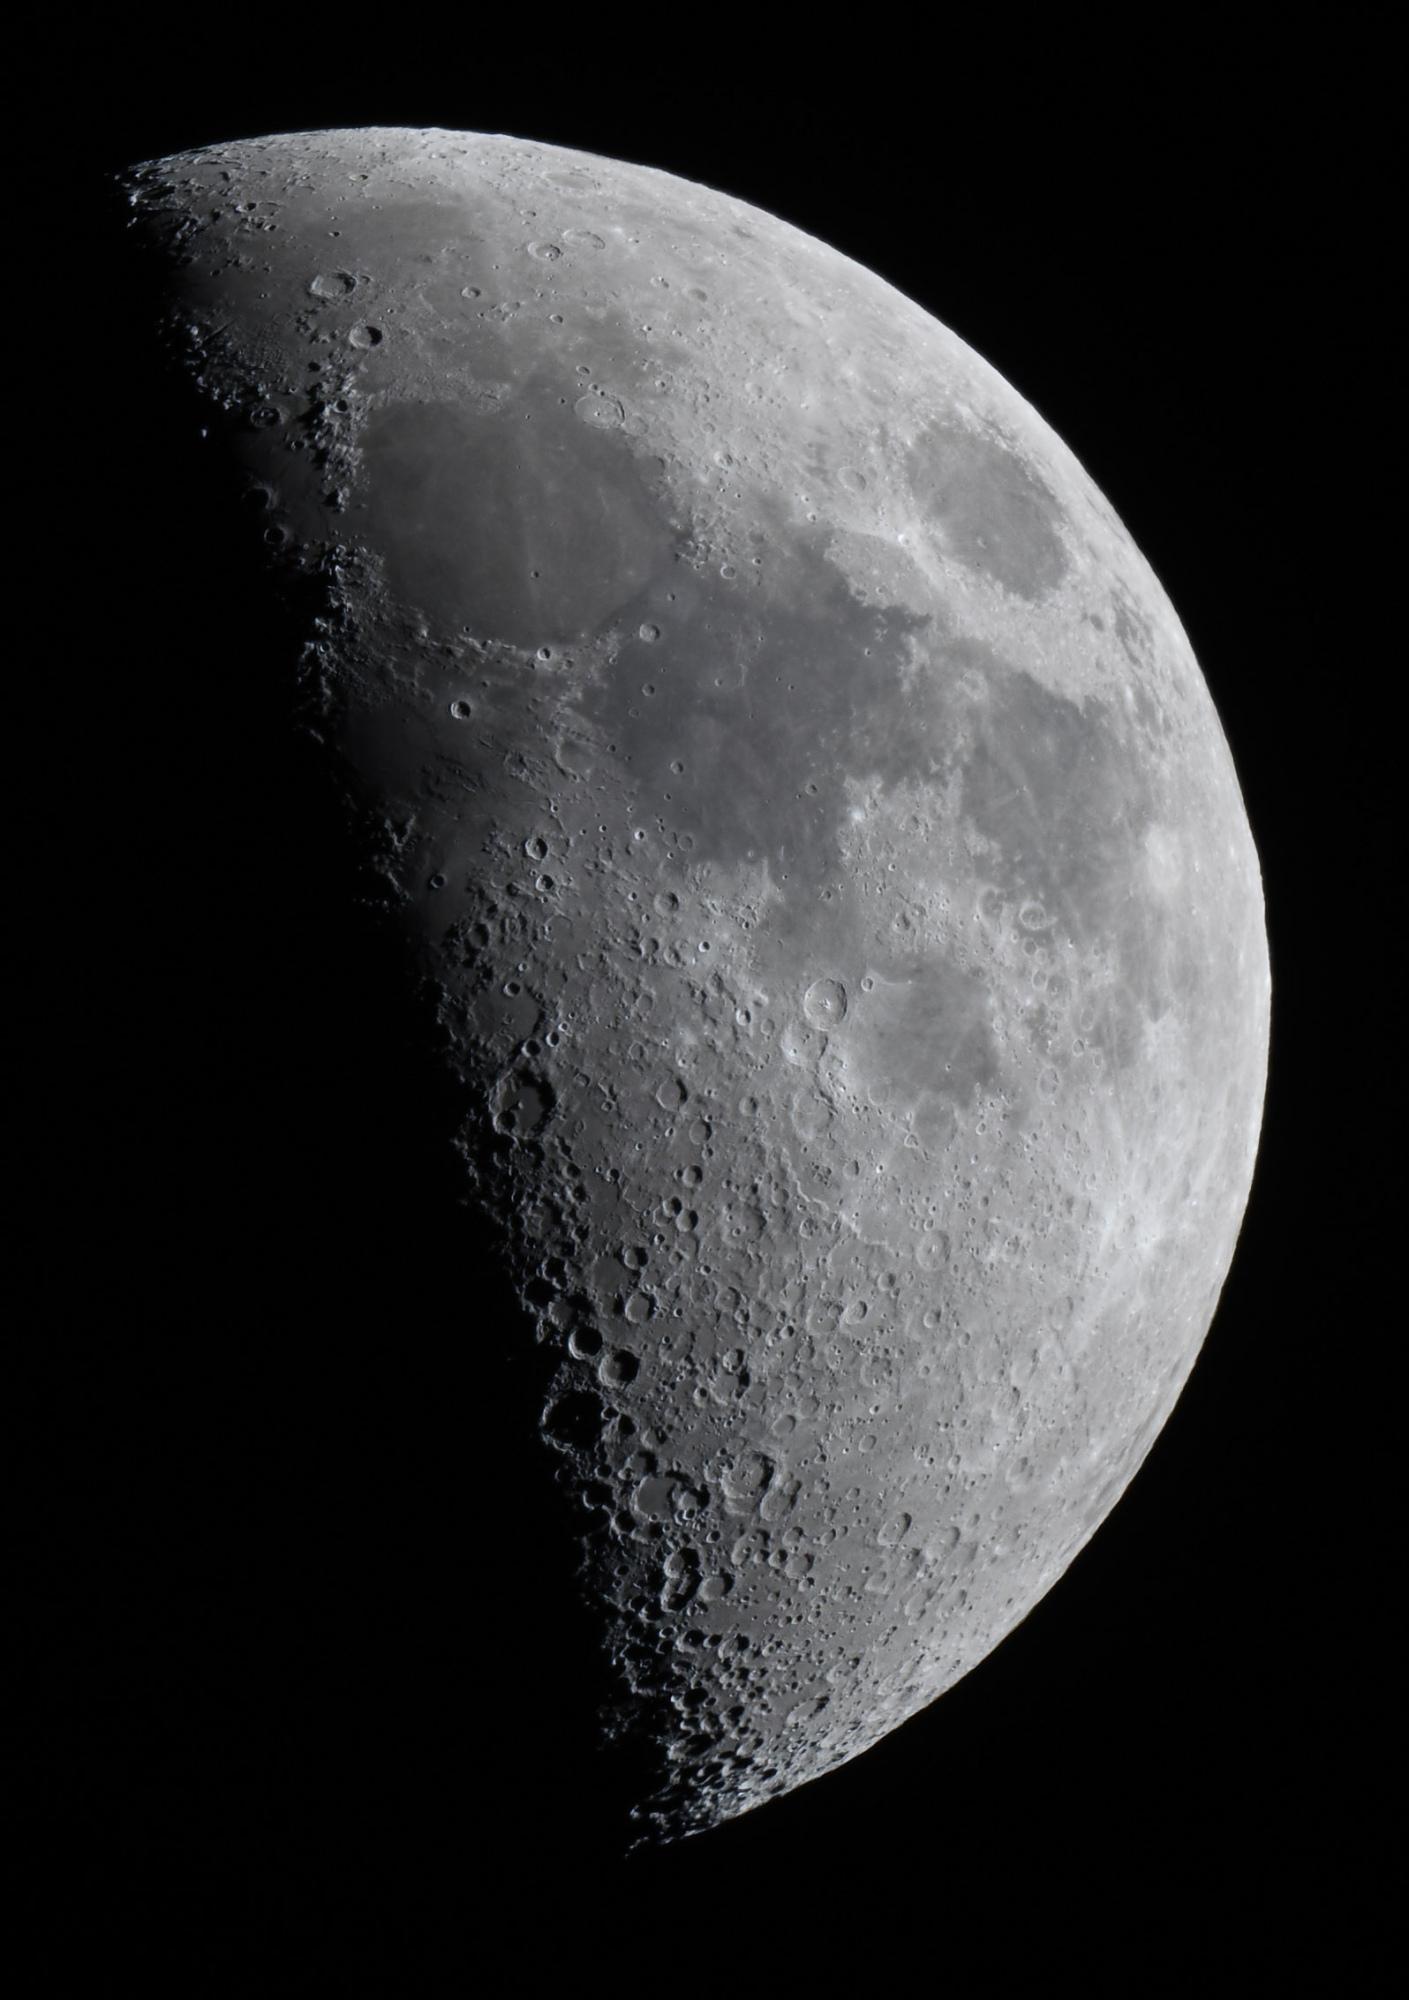 moon_crop.thumb.jpg.4a975d0401315685ee990366285c7b56.jpg